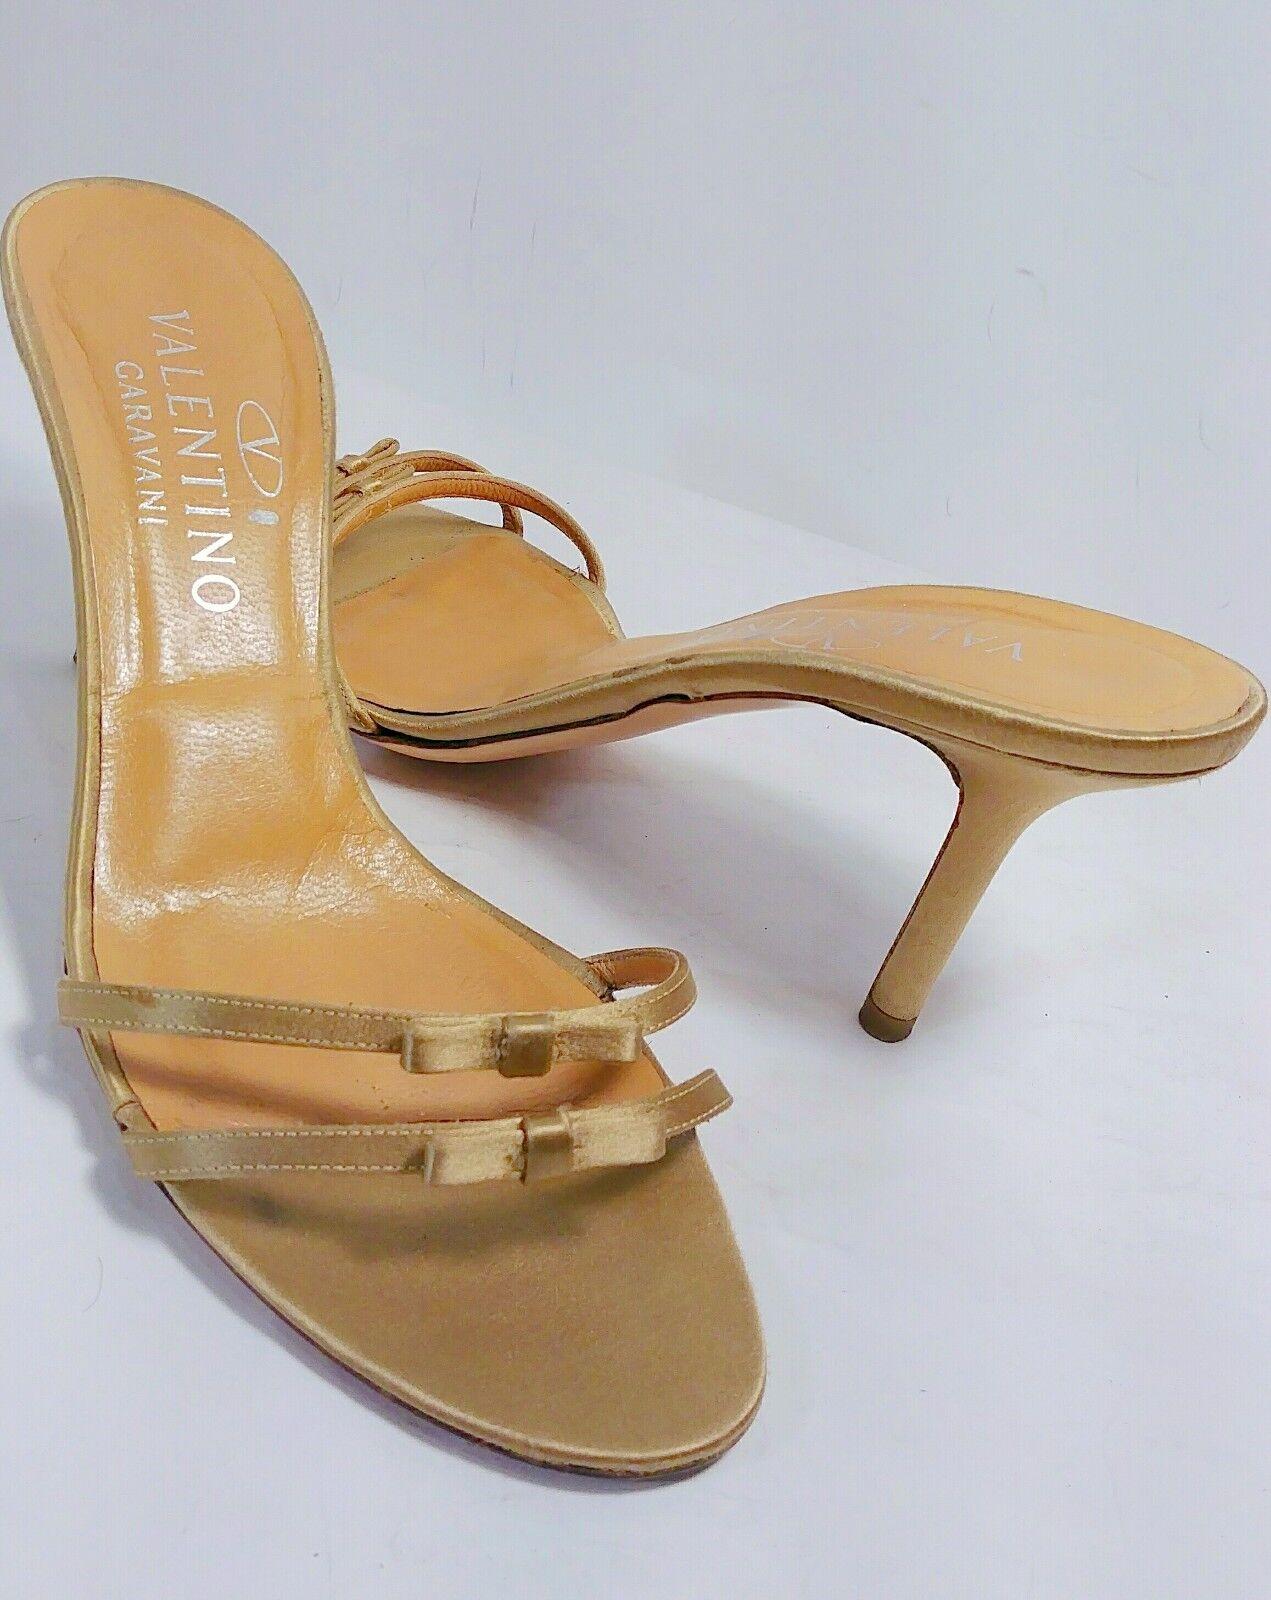 alta qualità VALENTINO oroen Silk Double Bow Strap Slide Dress Sandals Sandals Sandals Dimensione US 7.5 B  EUC  benvenuto per ordinare